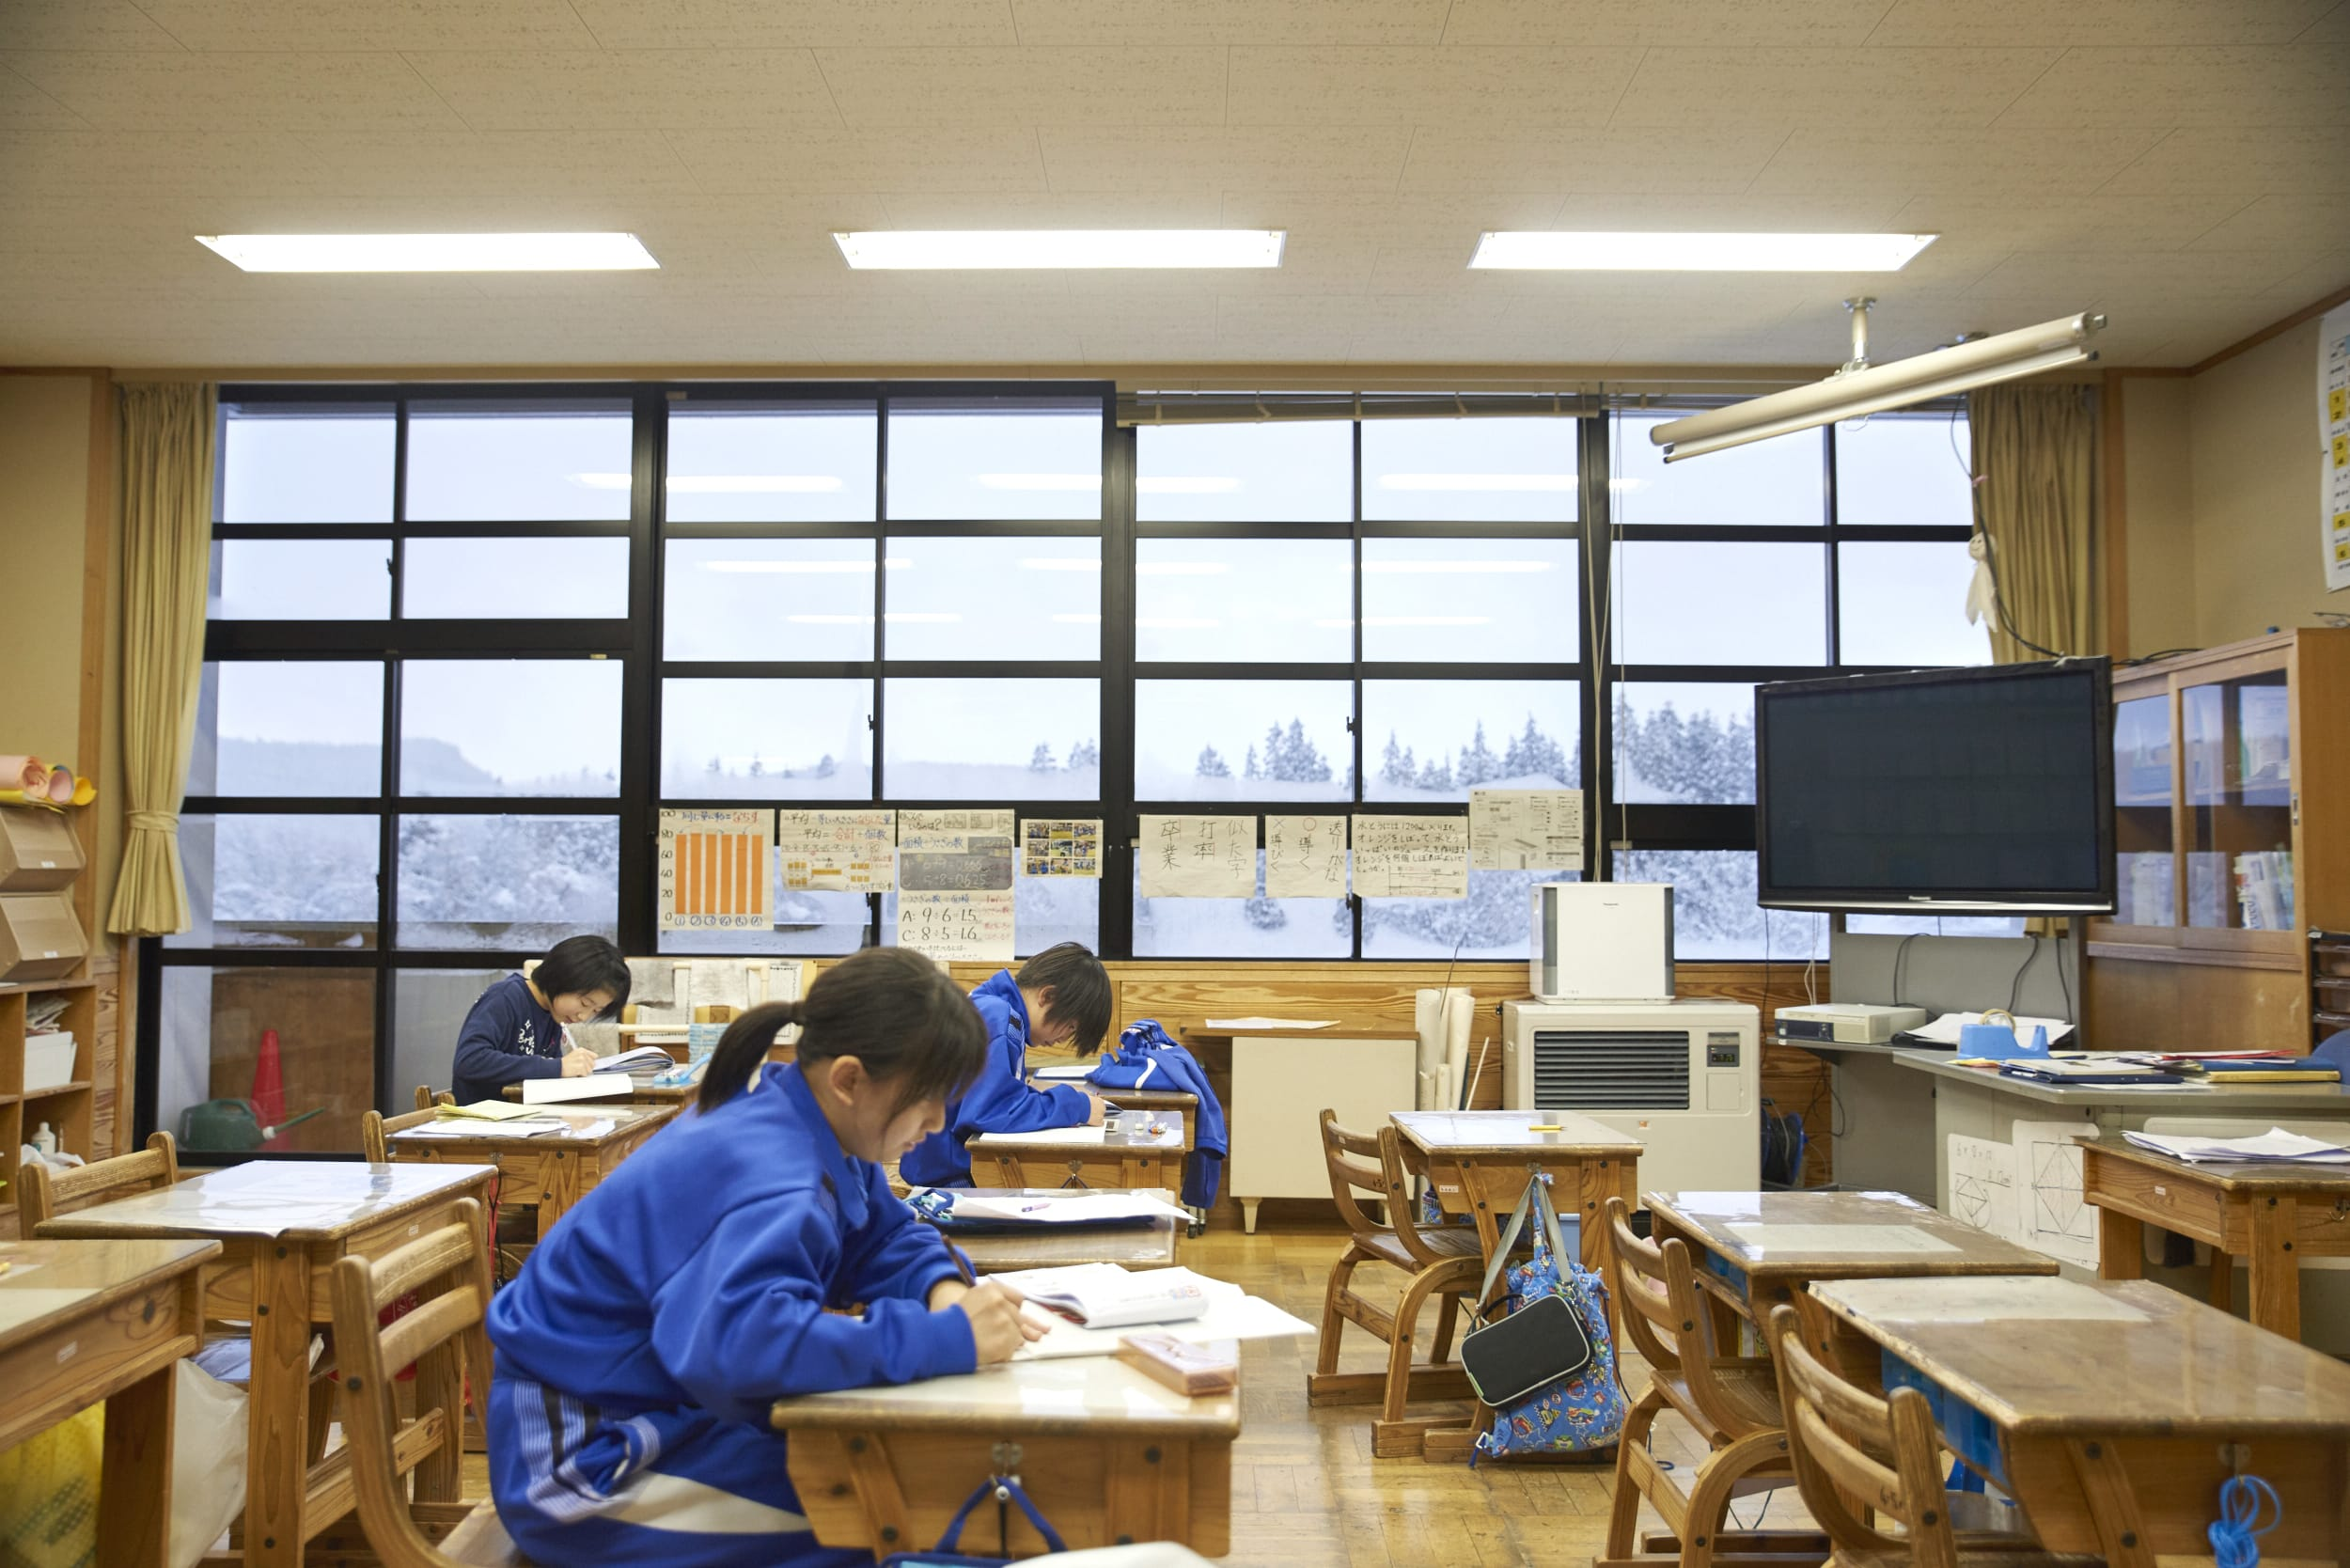 上小阿仁小中学校の校舎には秋田の天然杉がふんだんに使われ、その空間は明るさと優しさに満ちている。放課後を迎えた生徒たちは、勉強したり、部活をしたり、それぞれの時間を笑顔で過ごしていた。